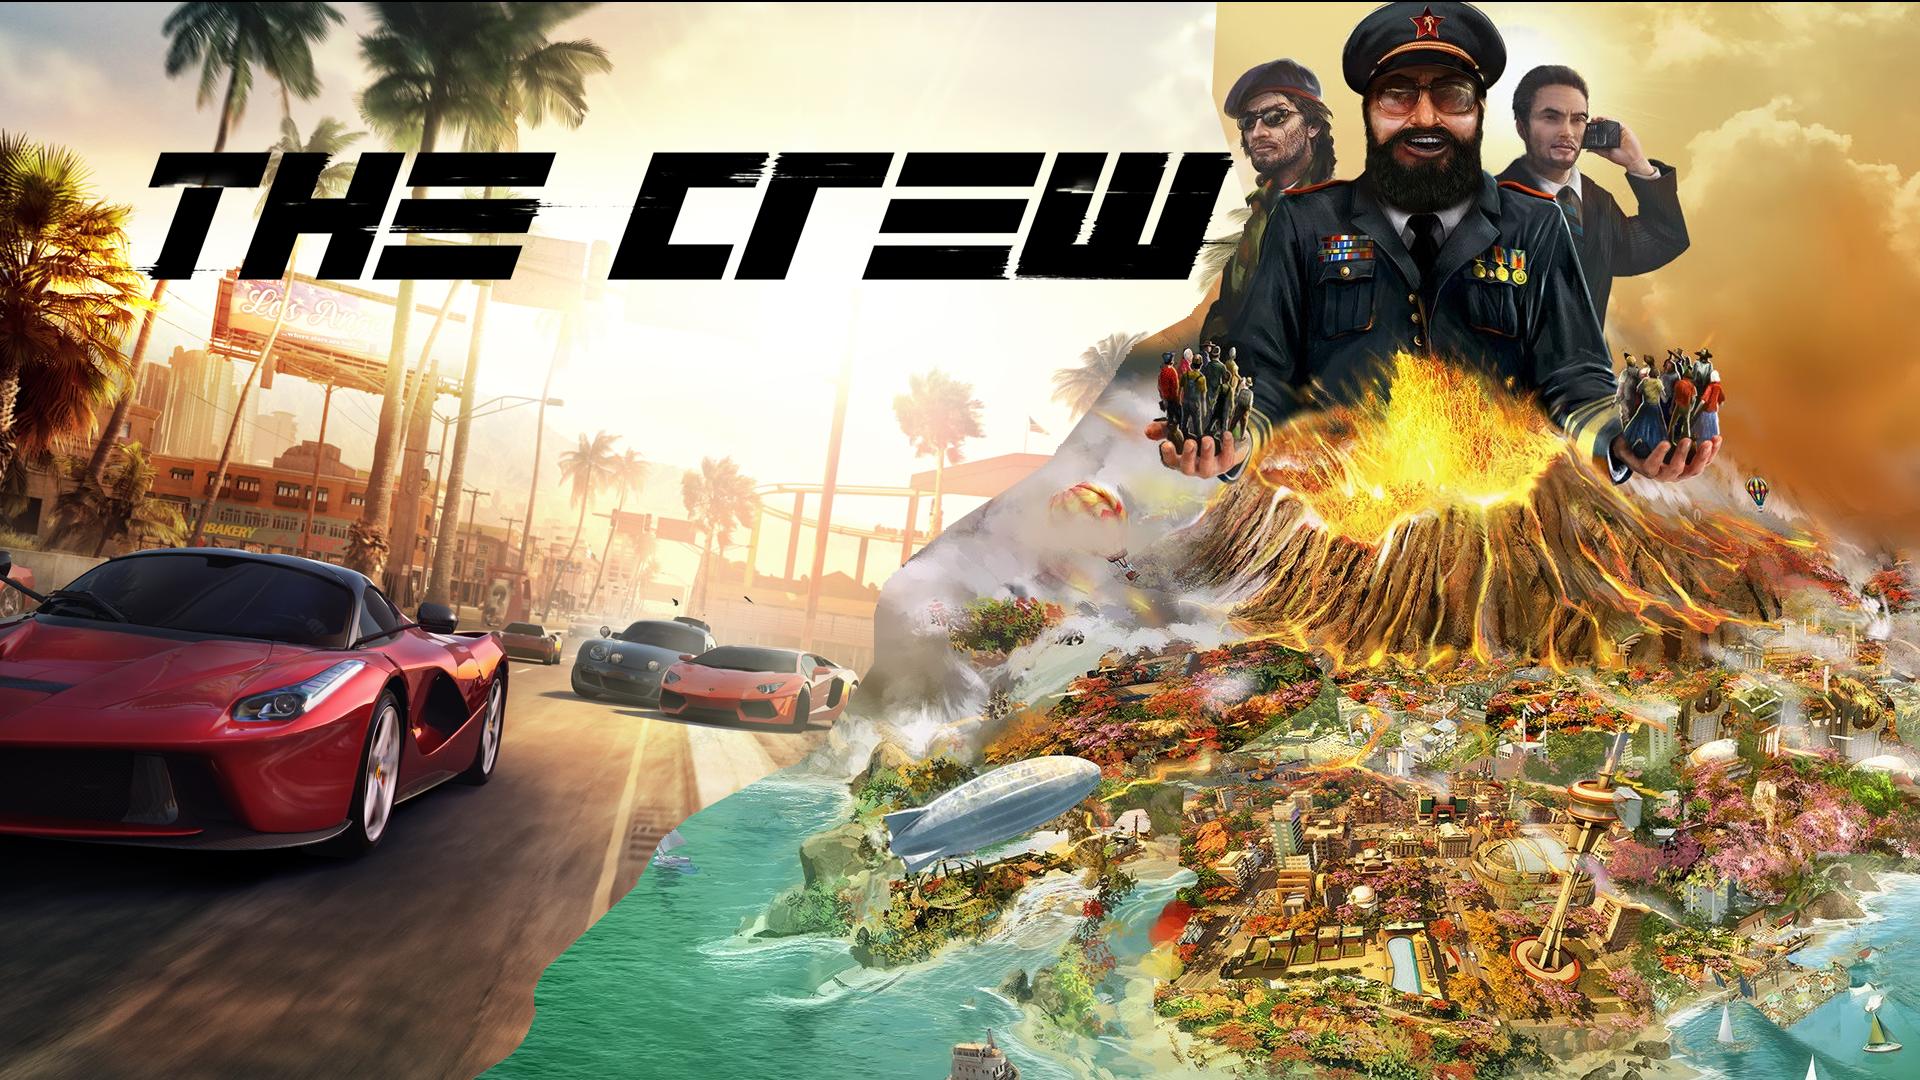 Tropico 4 gratis en Humble Bundle y The Crew gratis en Uplay por el 30 aniversario de Ubisoft